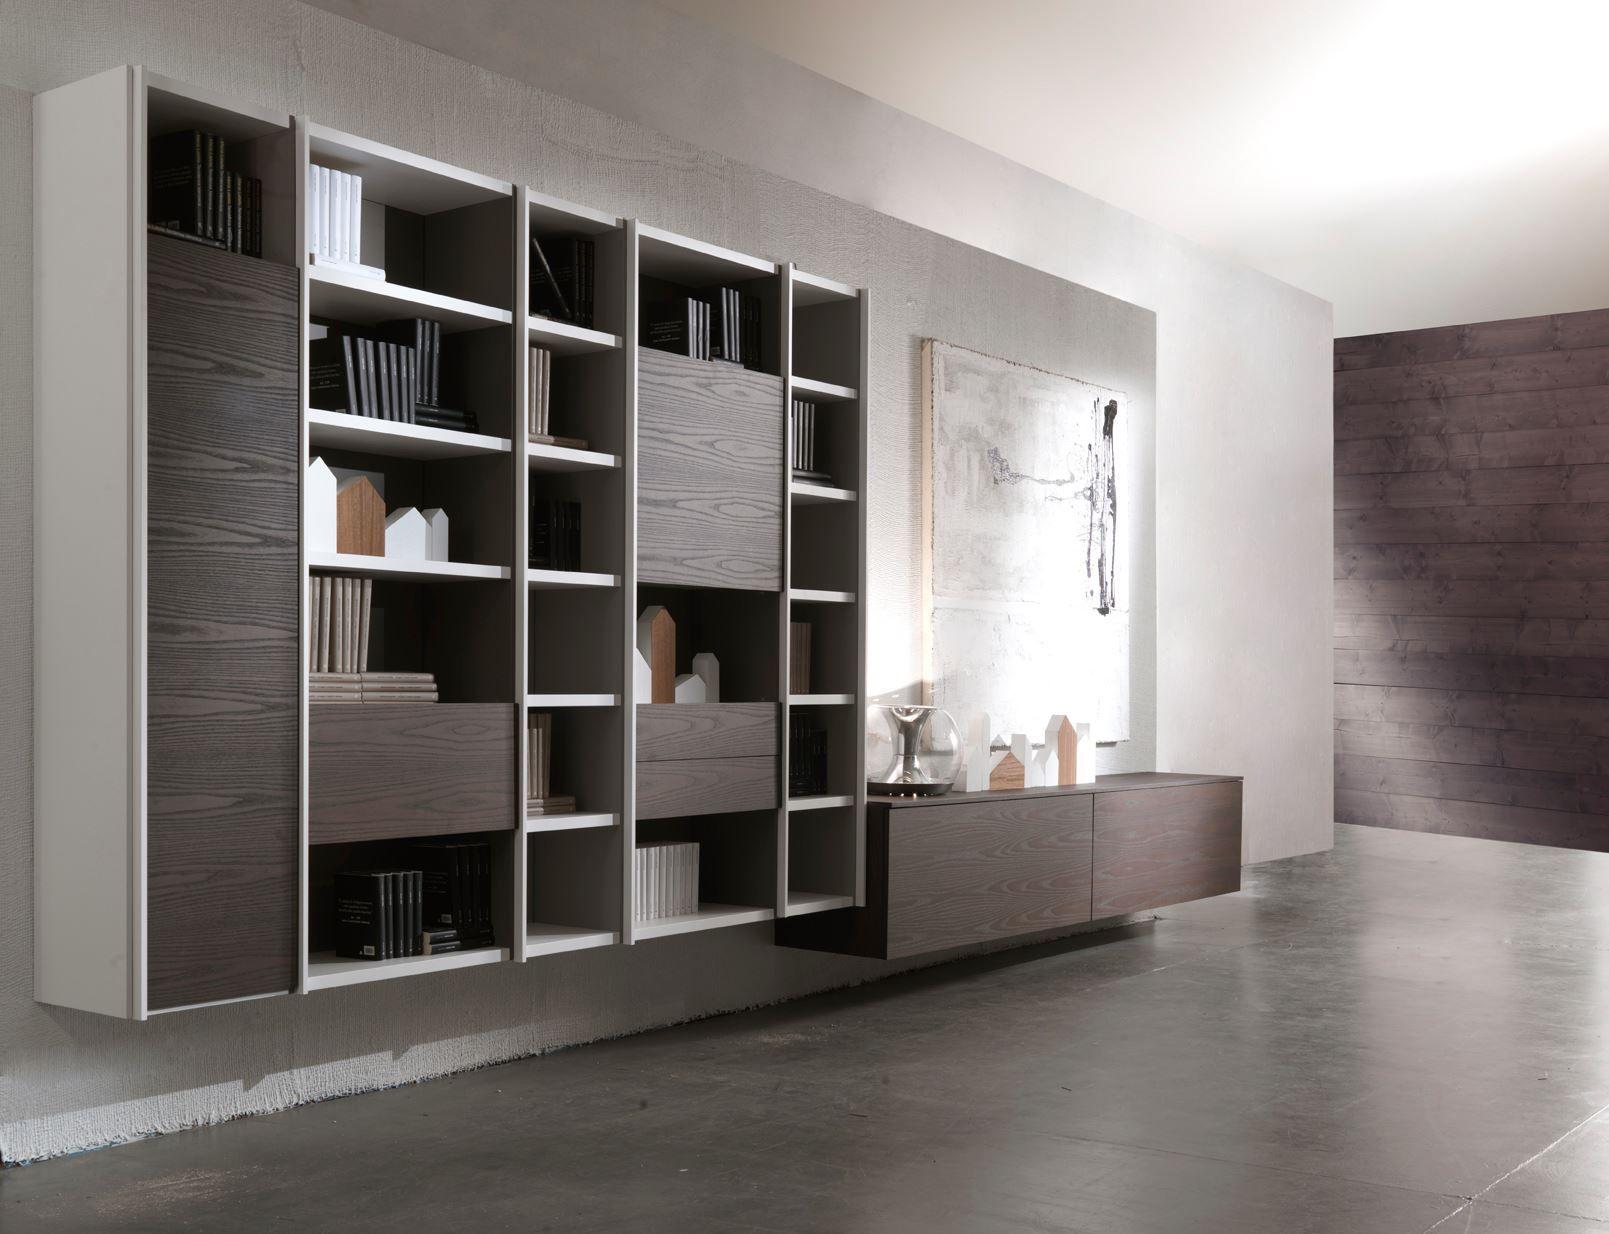 Italian-wall-units-furniture (10)large.jpg 1,609×1,234 pixels ...